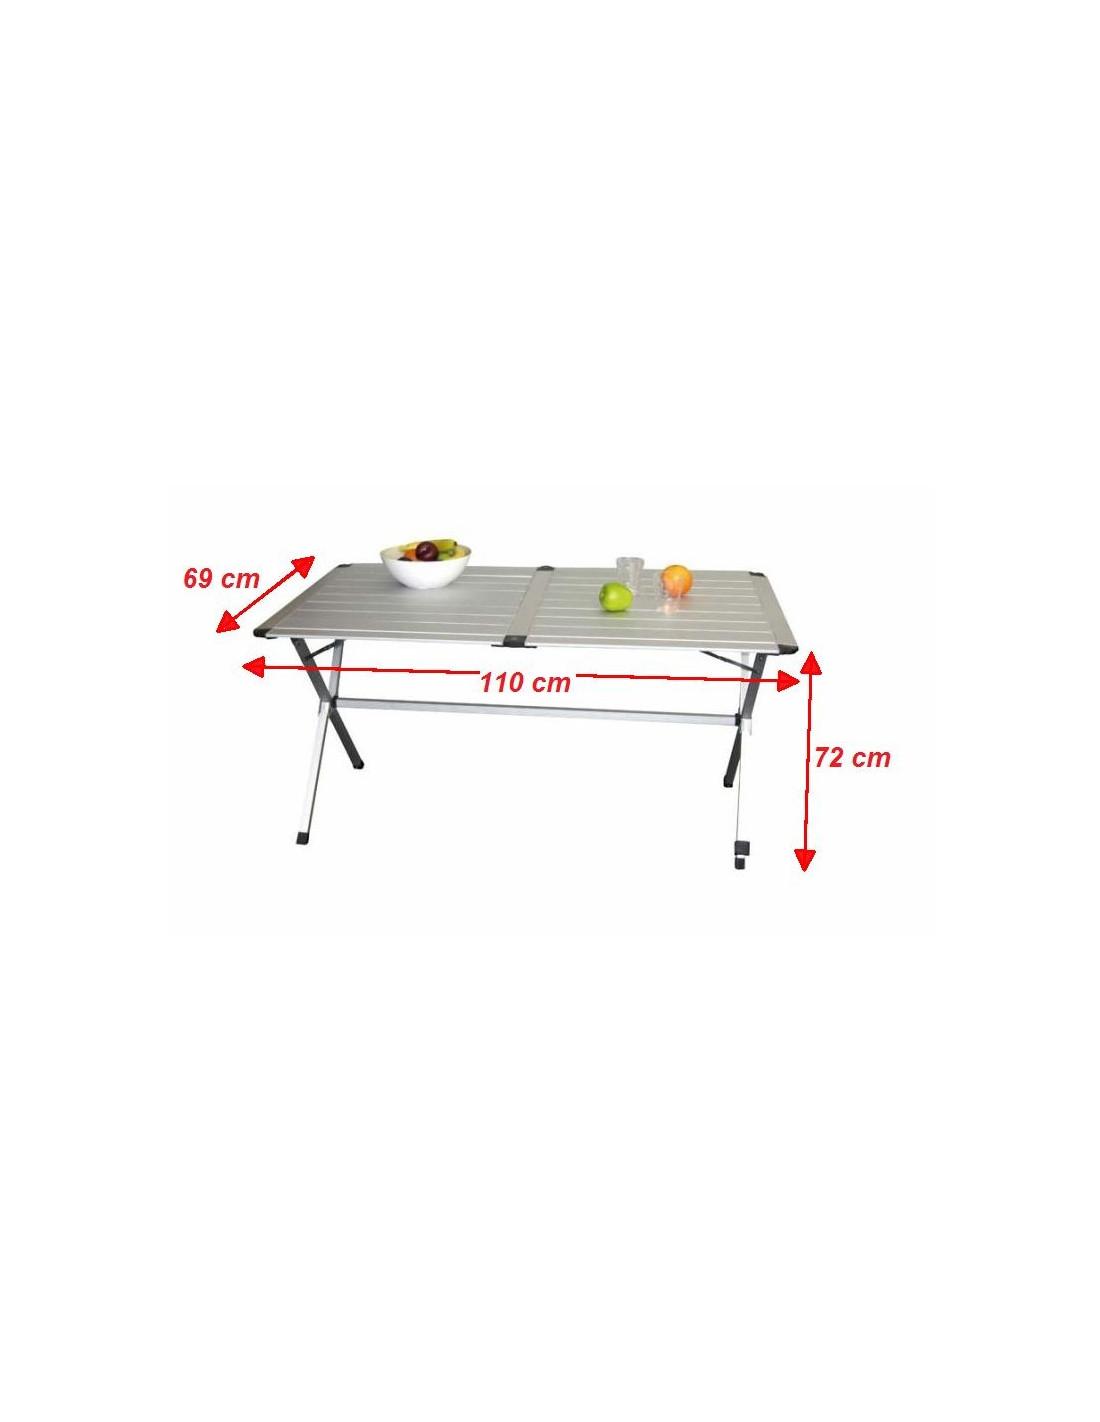 Mesa aluminio plegable 4 personas 110cm tienda de for Mesa de camping plegable de aluminio